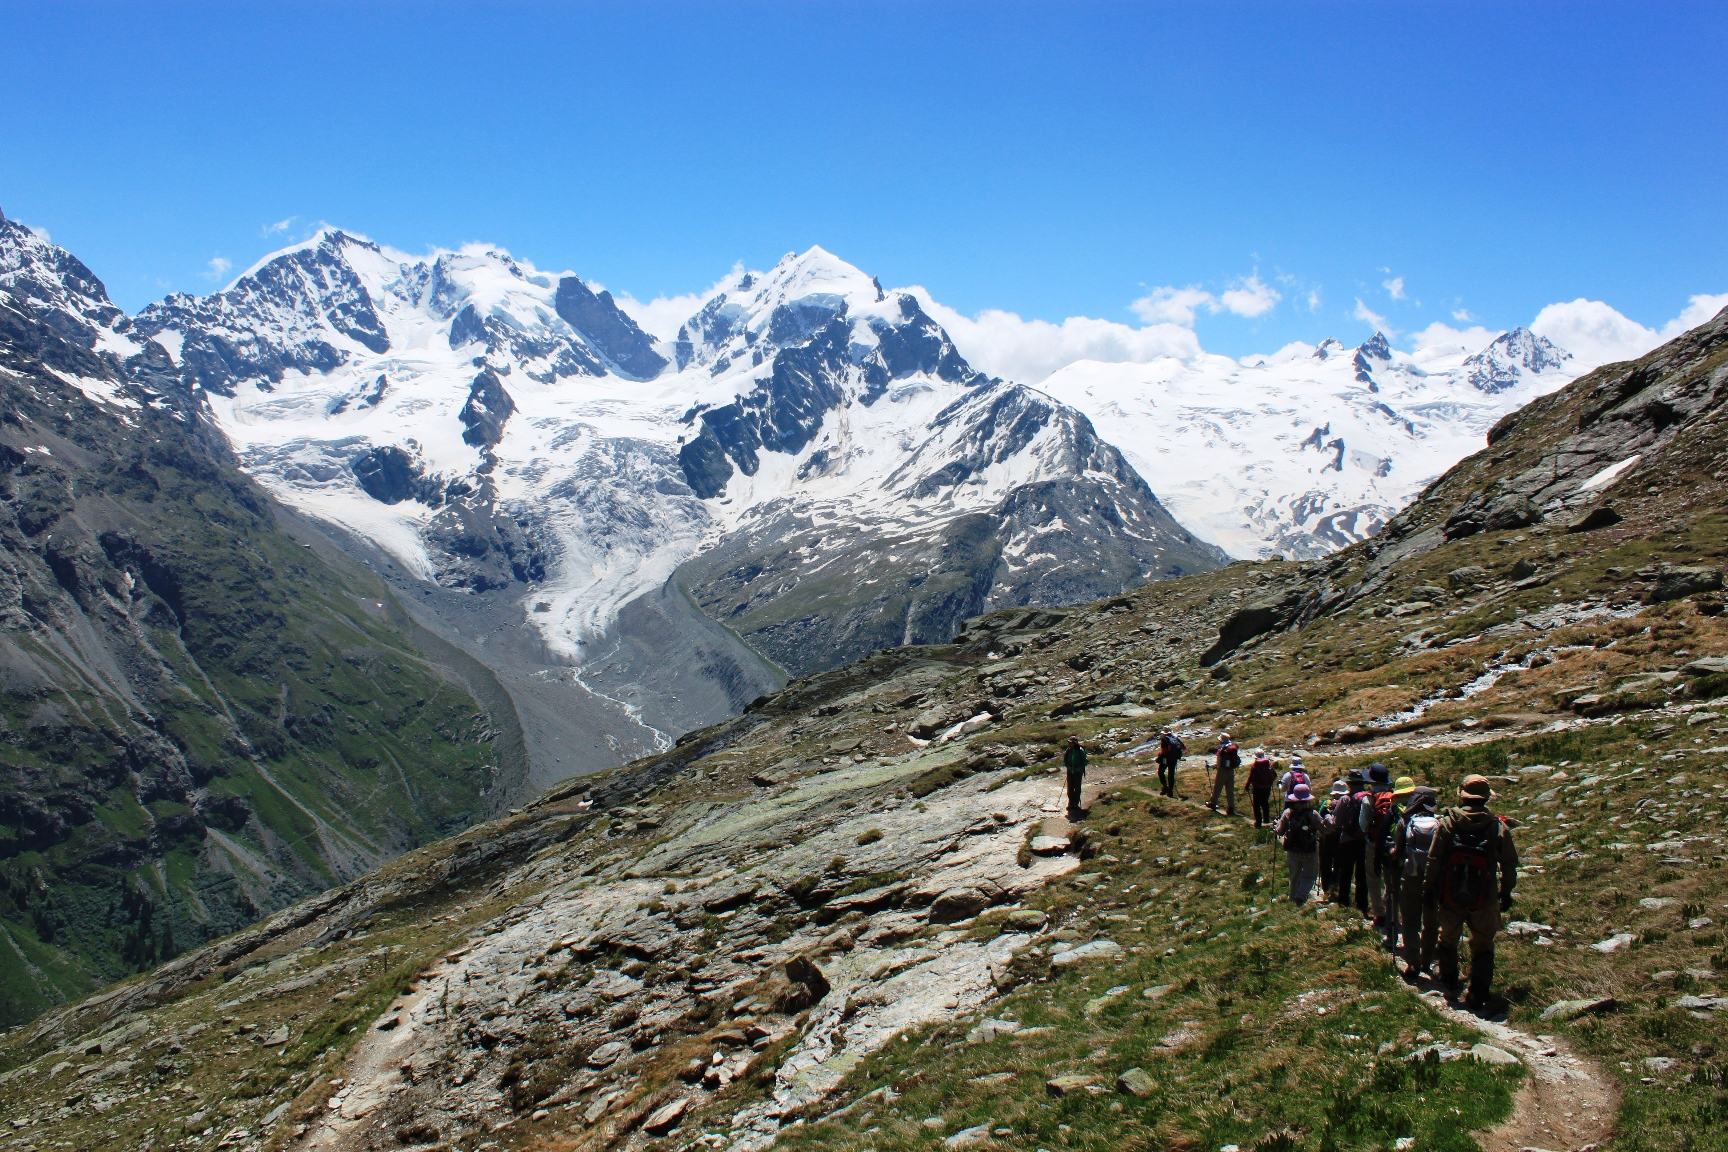 【催行決定・残席僅か】6月26日出発 スイス途中下車の旅  知られざる厳選ルートを歩く 12日間